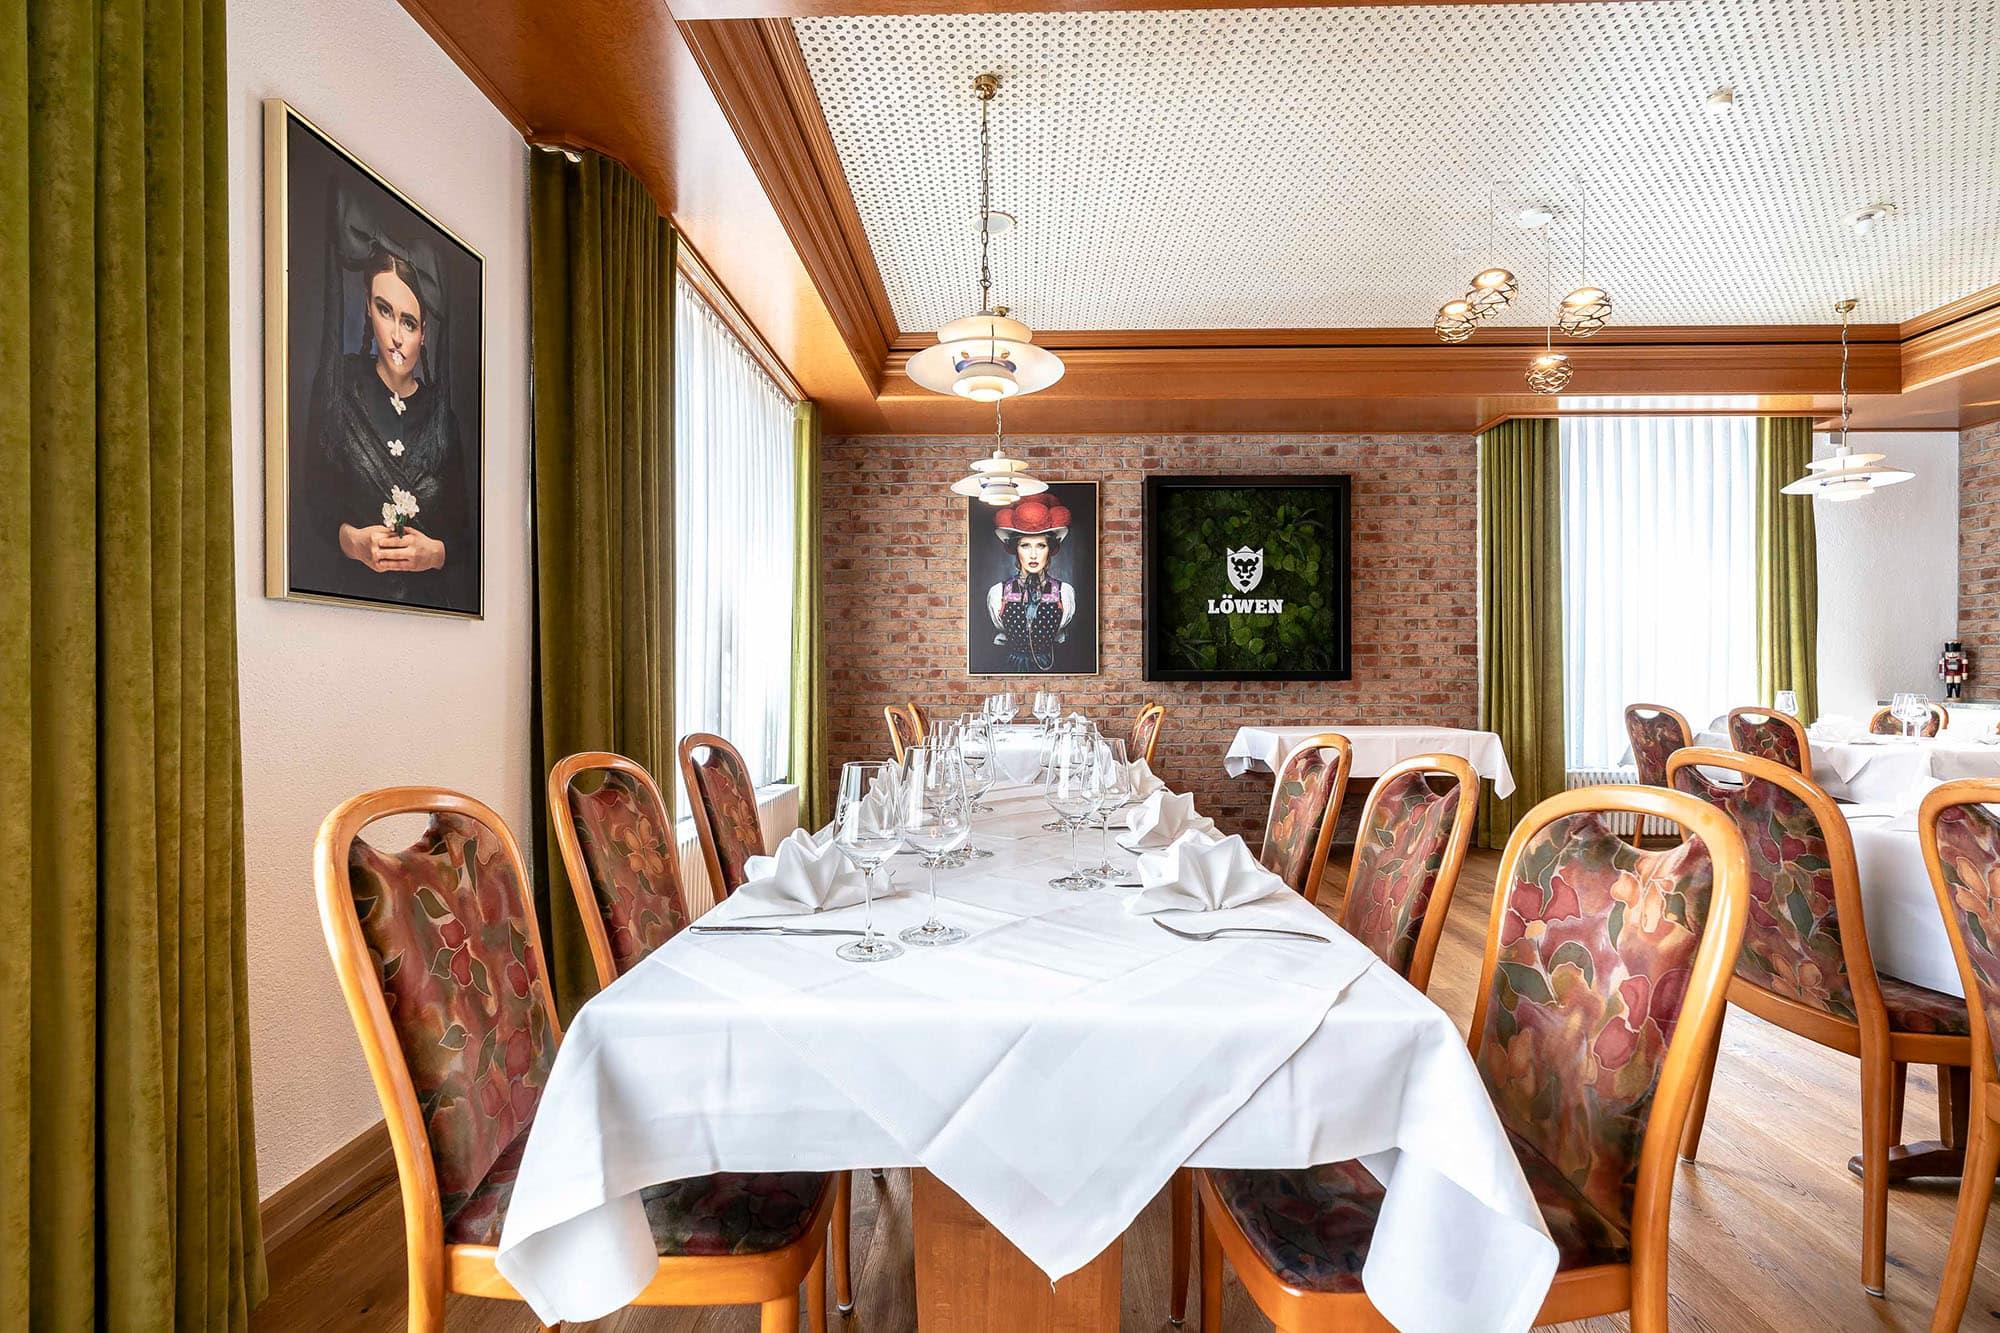 Hotel Gasthaus Loewen Buchholz Restaurant 2